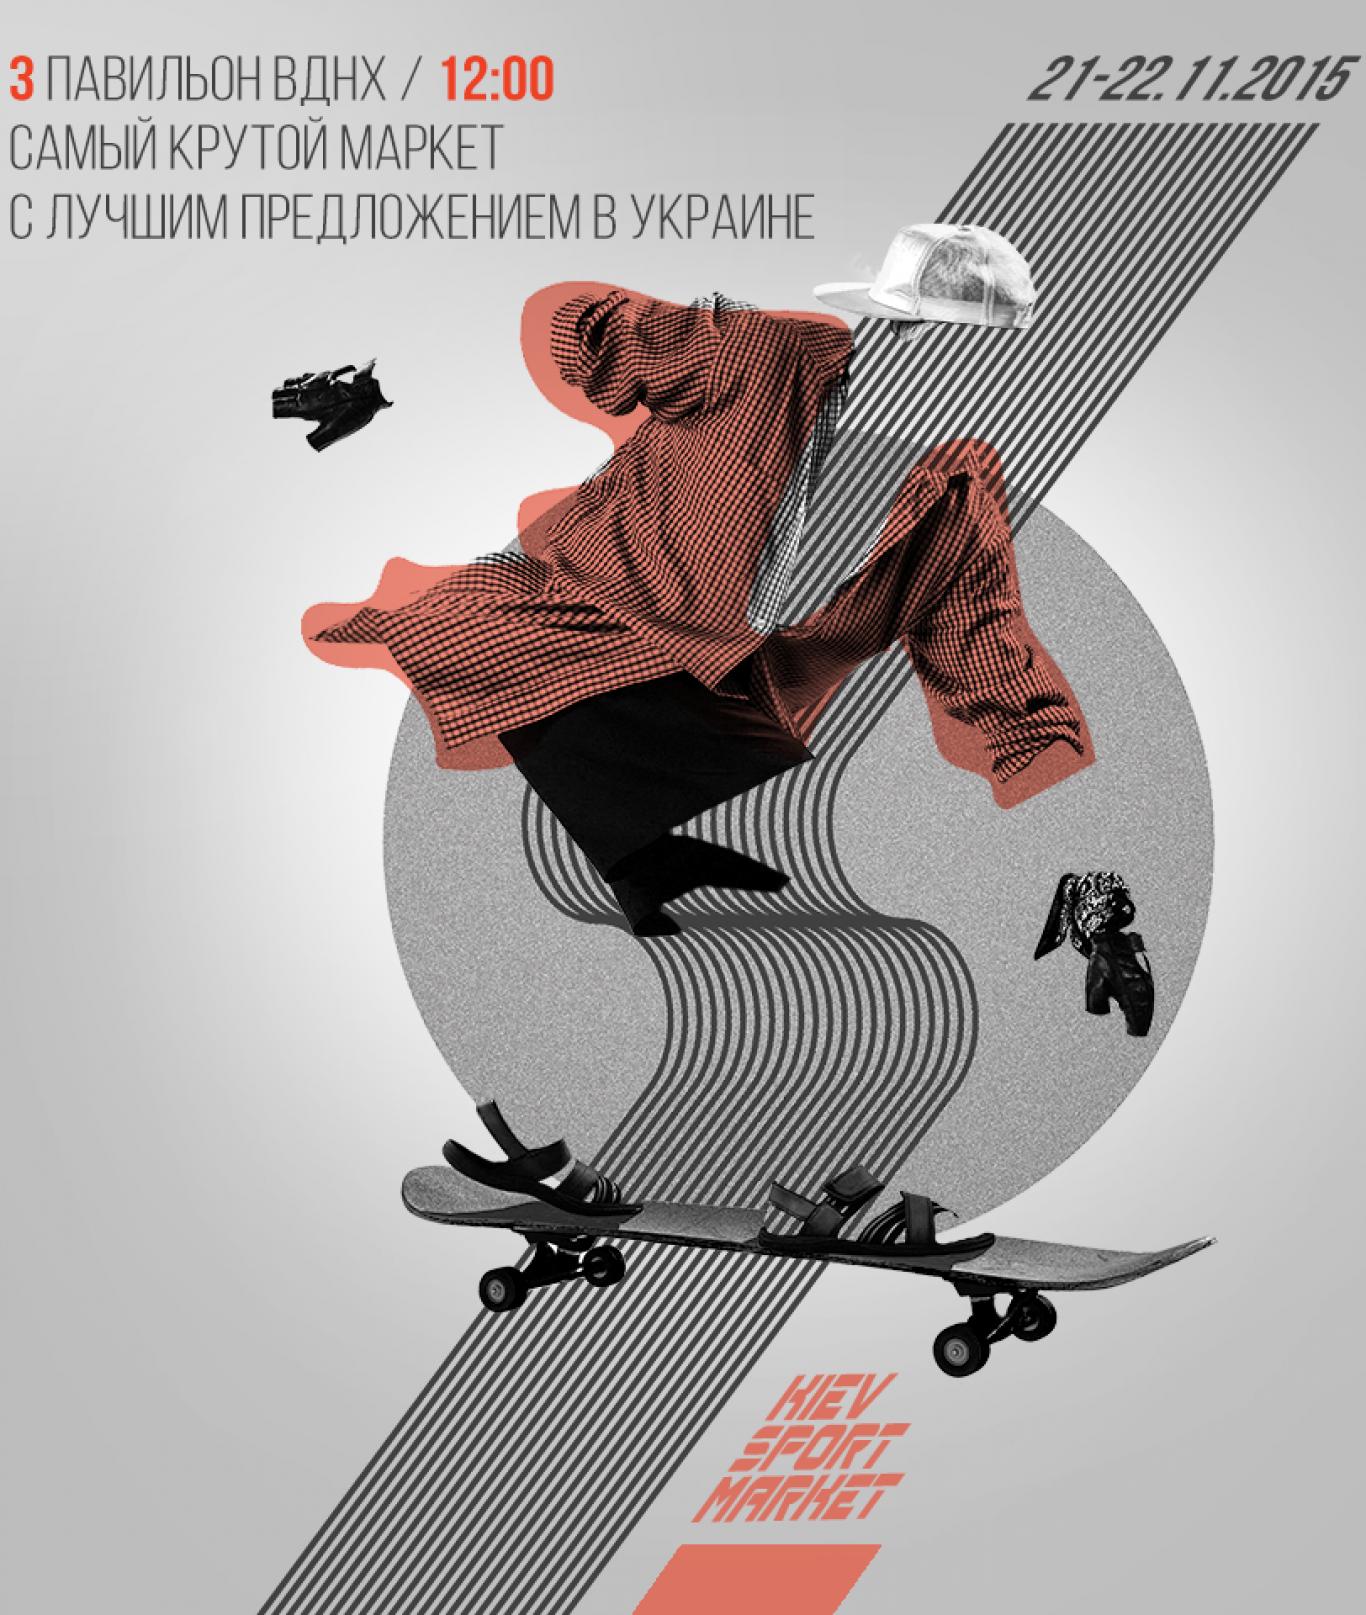 Київ Спорт Маркет-2015 на ВДНГ